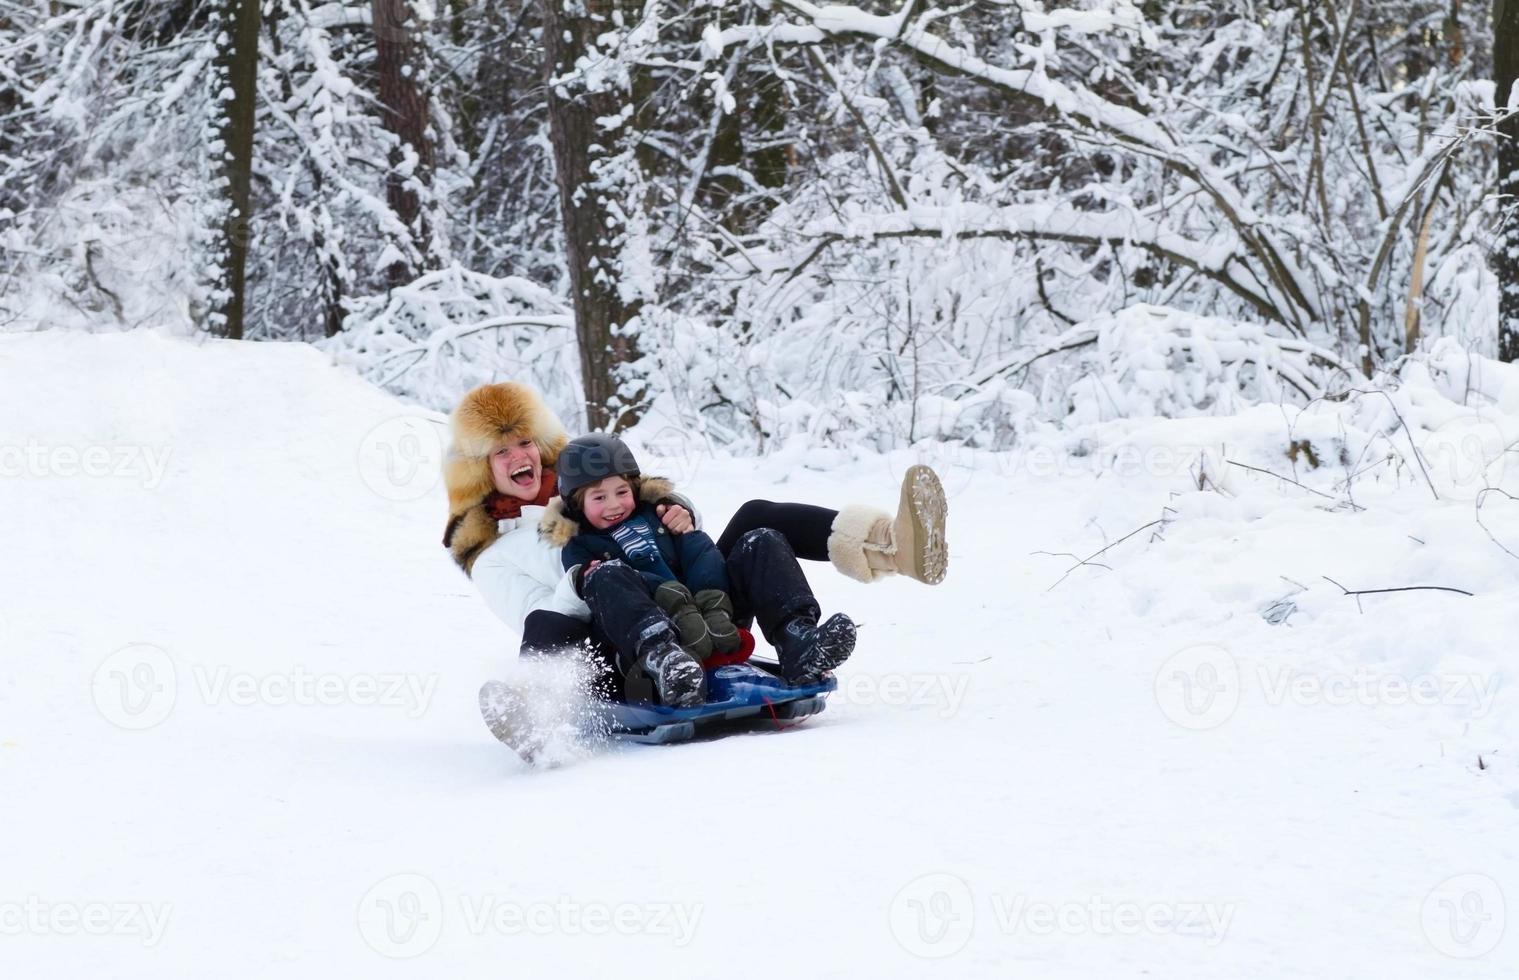 madre e hijo disfrutando de un paseo en trineo en un hermoso día de invierno foto